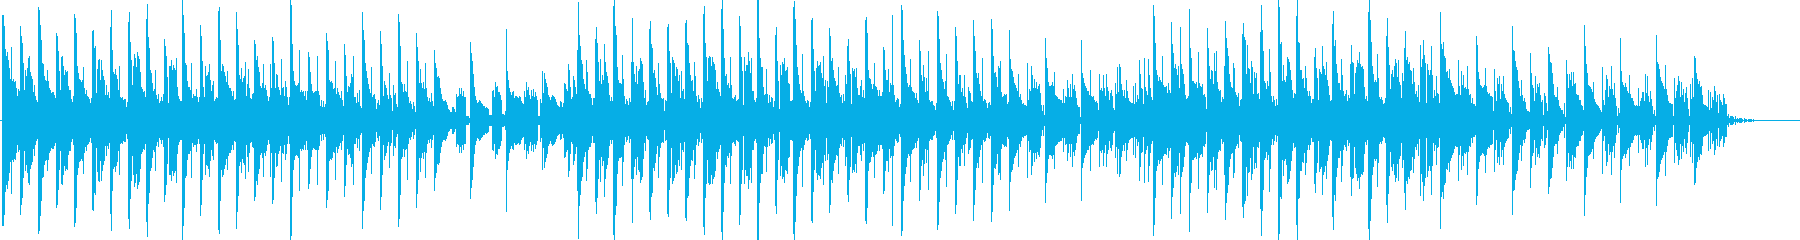 次々とキラキラシンセが流れていく曲。の再生済みの波形